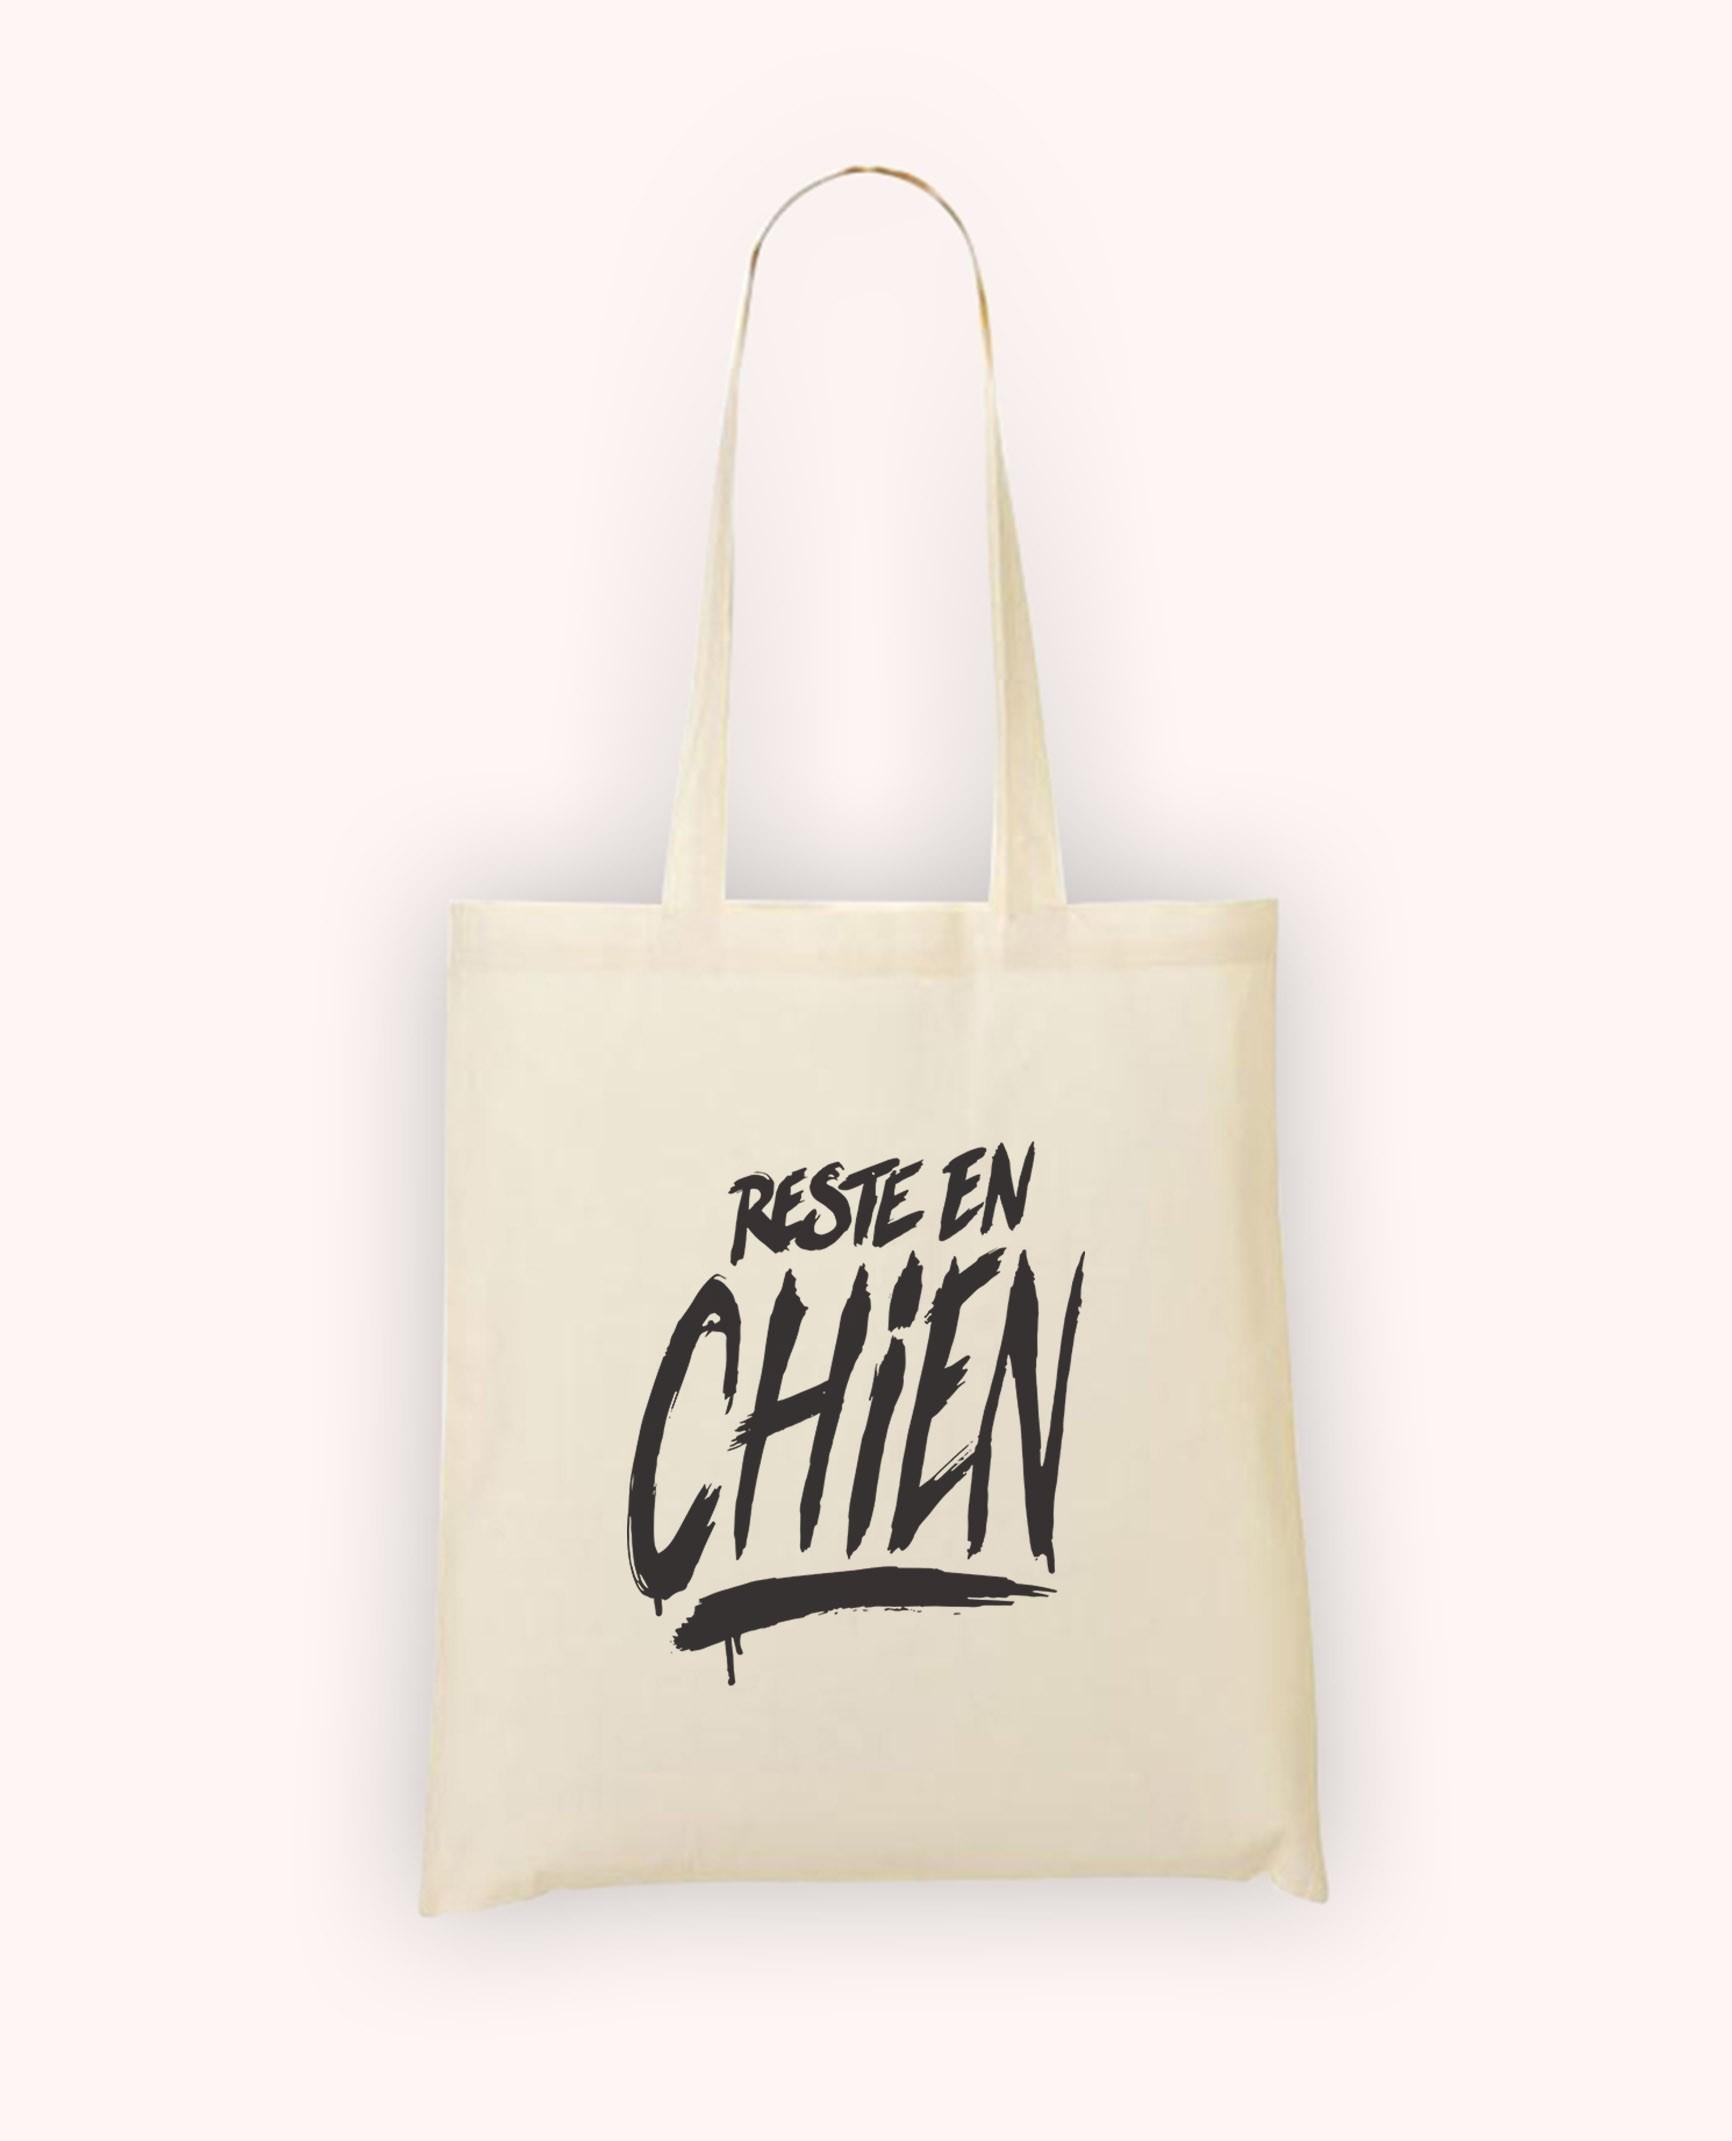 Totebag Reste en Chien